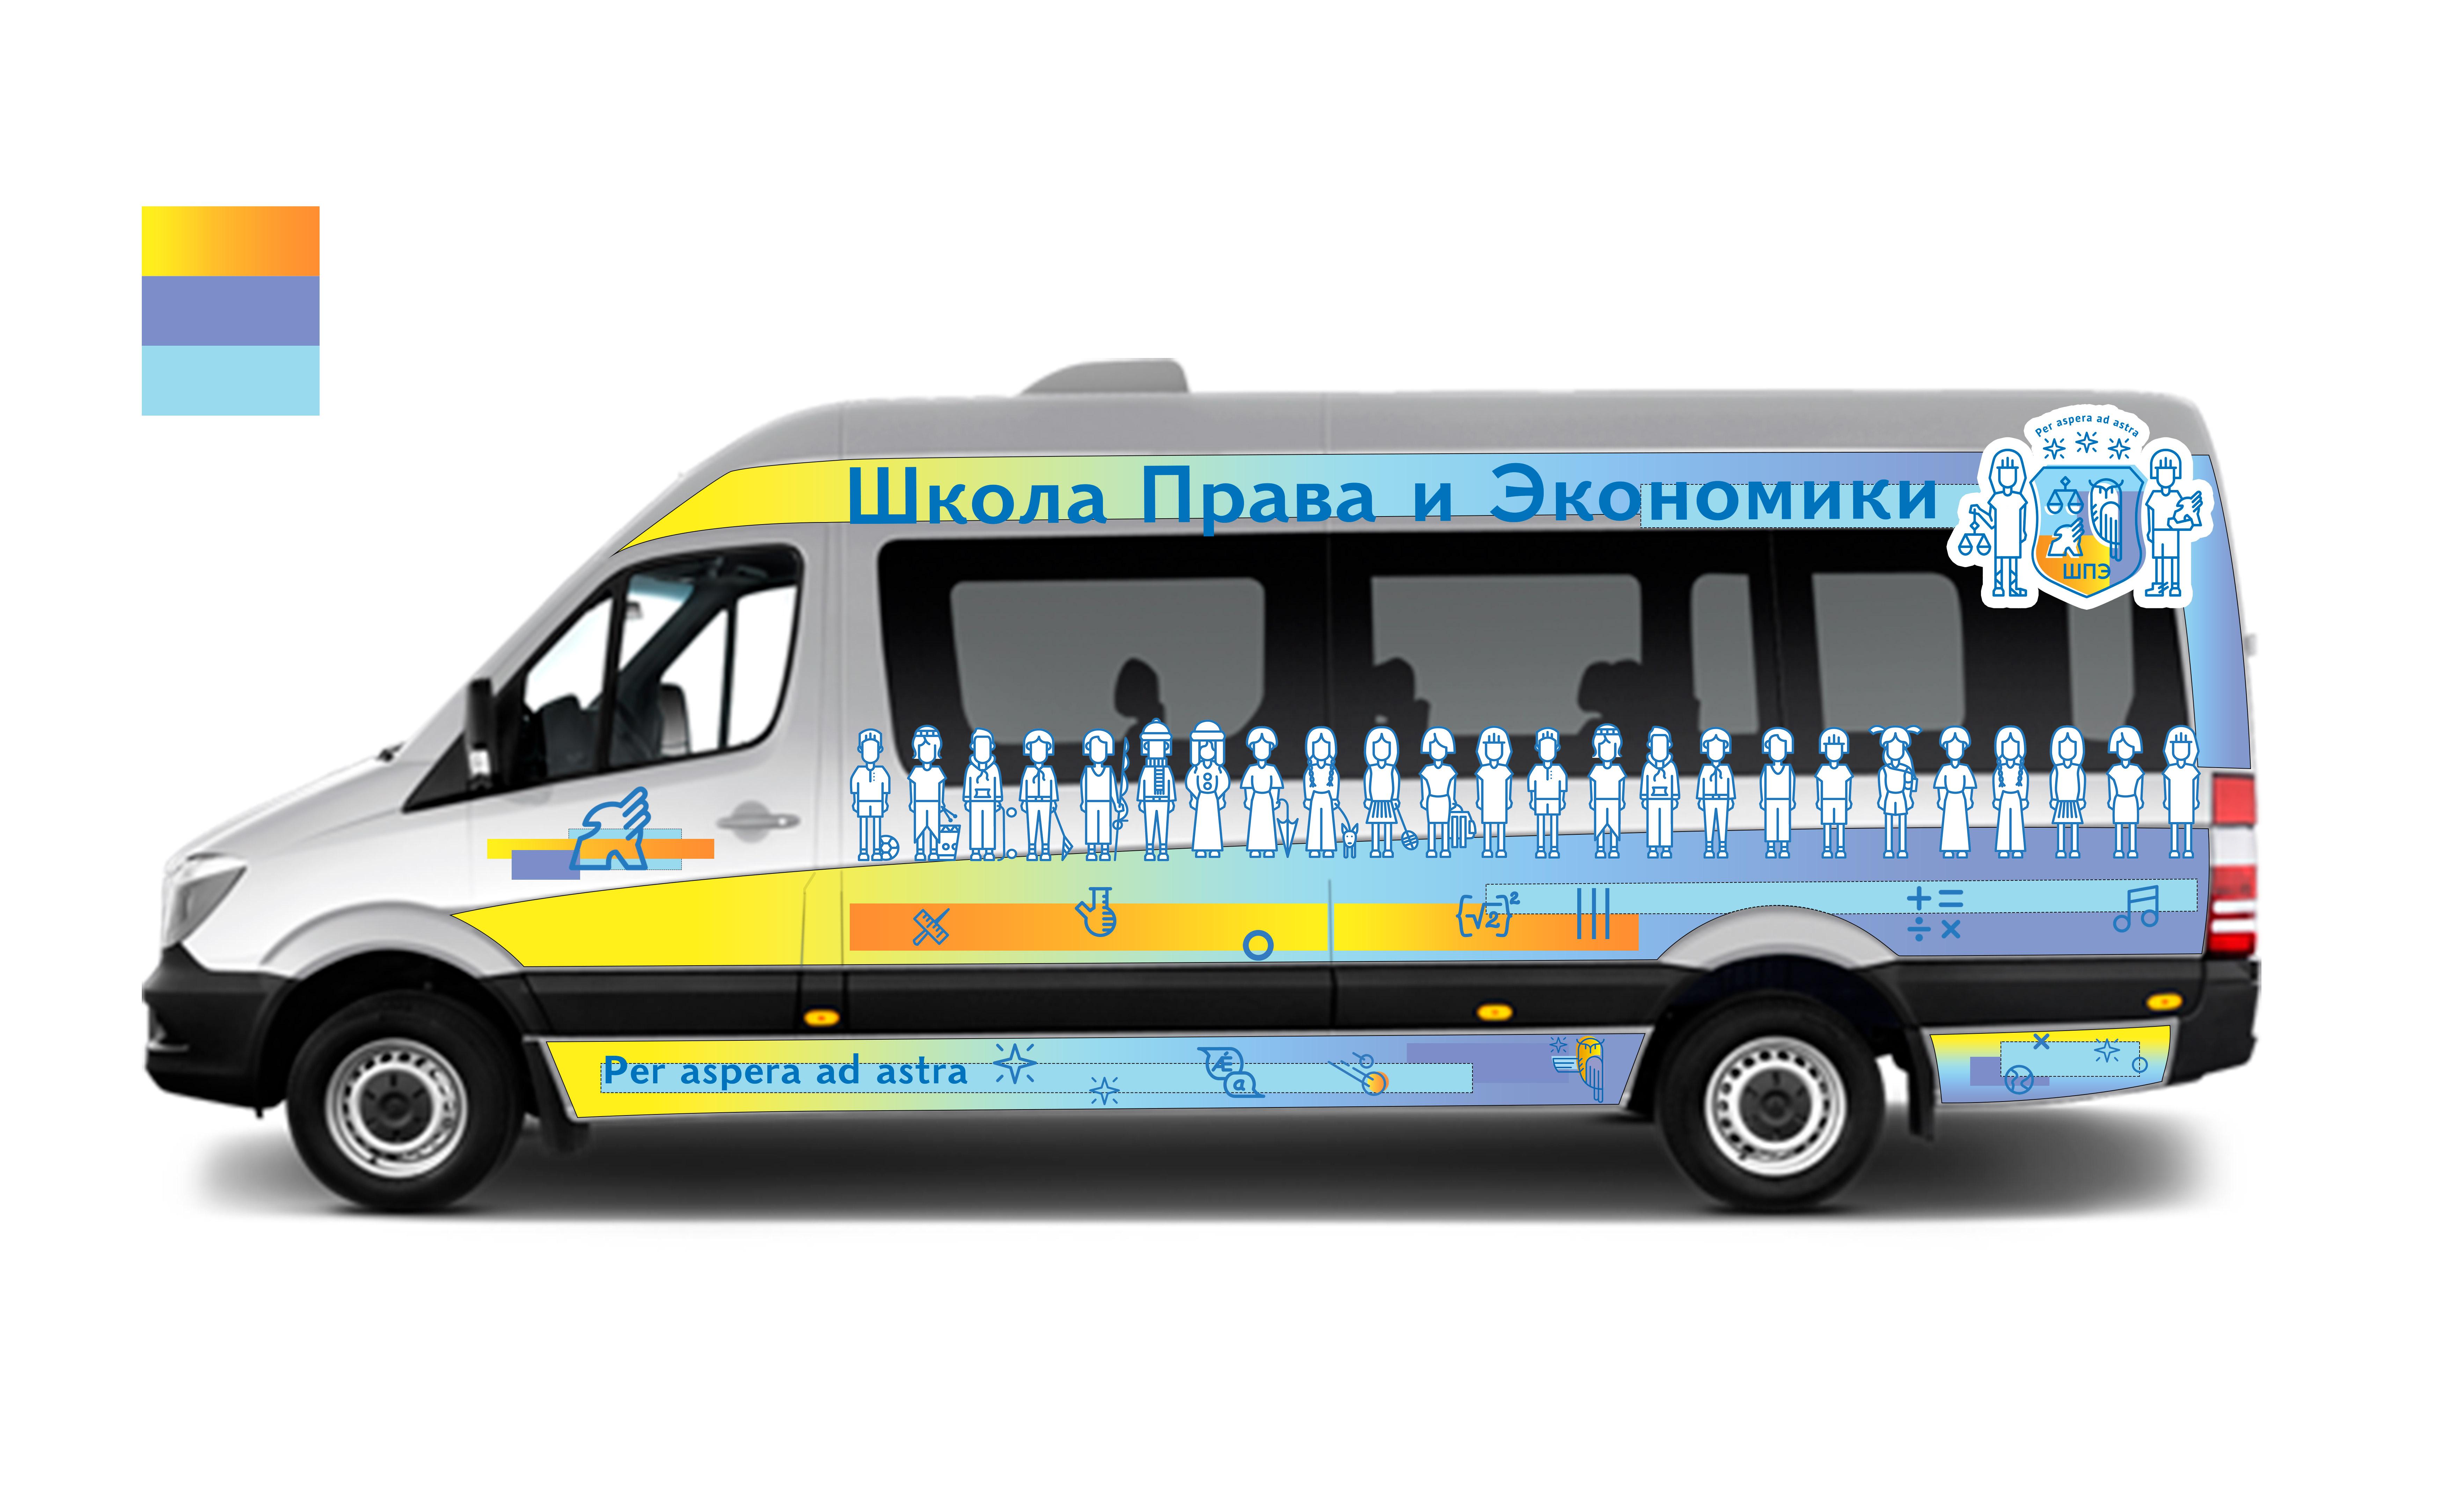 Дизайн оклейки школьного автобуса фото f_6105d0165f1088d2.jpg